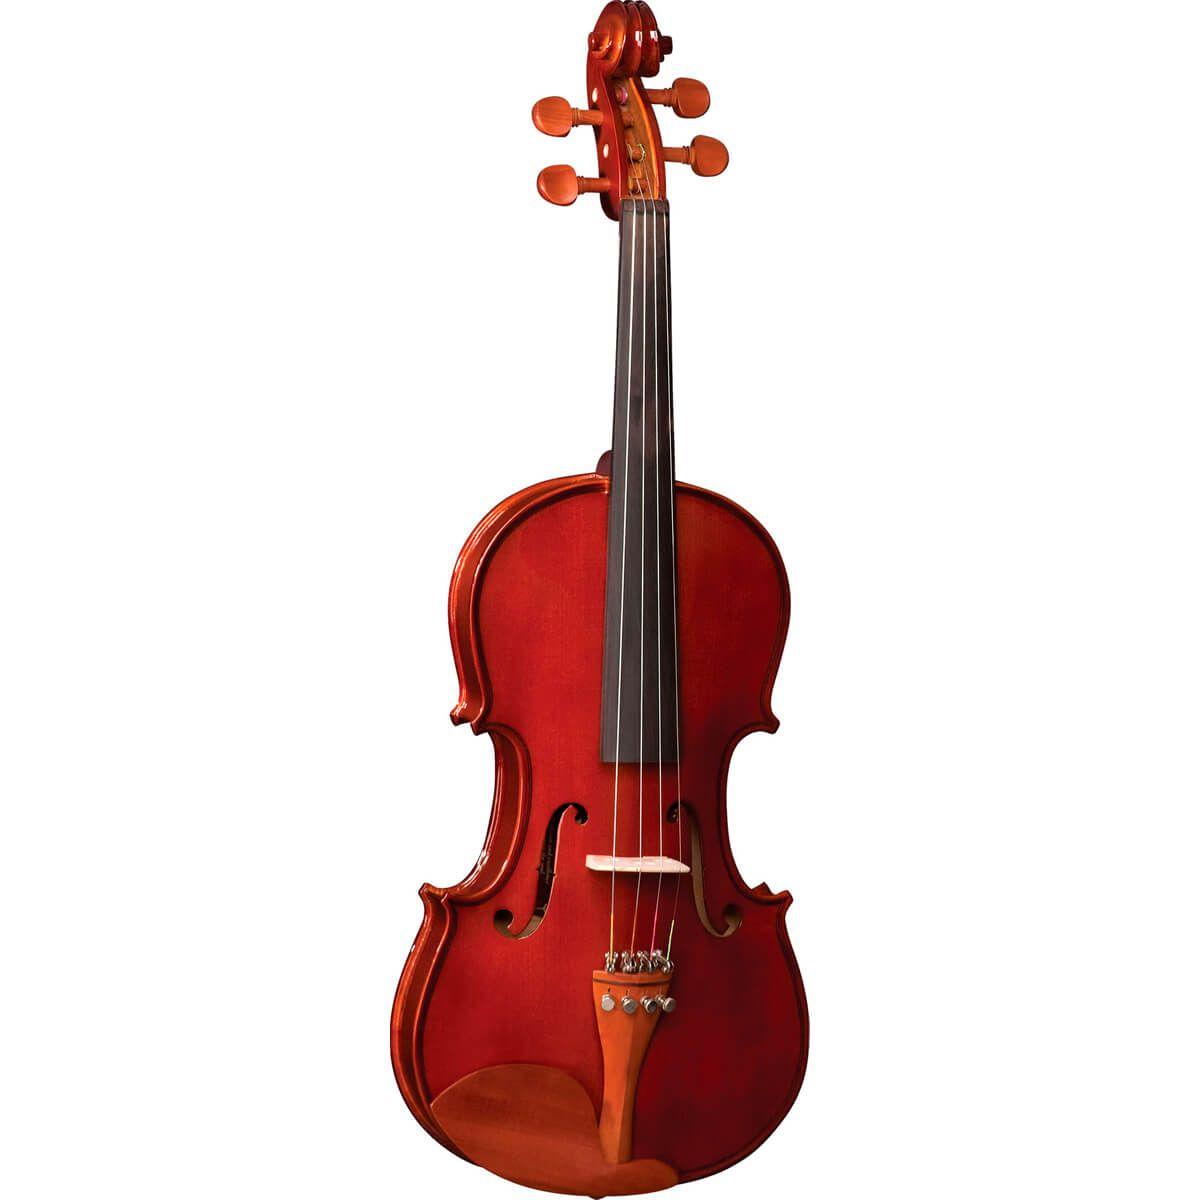 Violino - 4/4 - Ve441 - Eagle